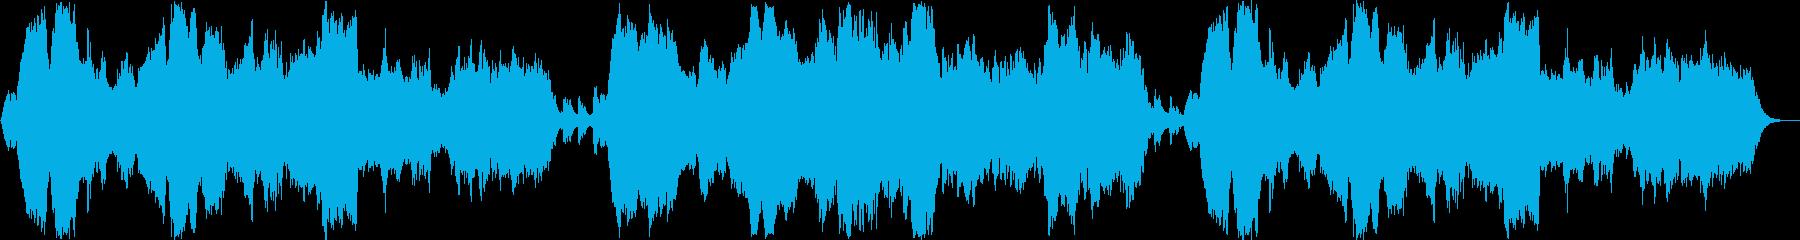 切ないバイオリン管楽器などのサウンドの再生済みの波形